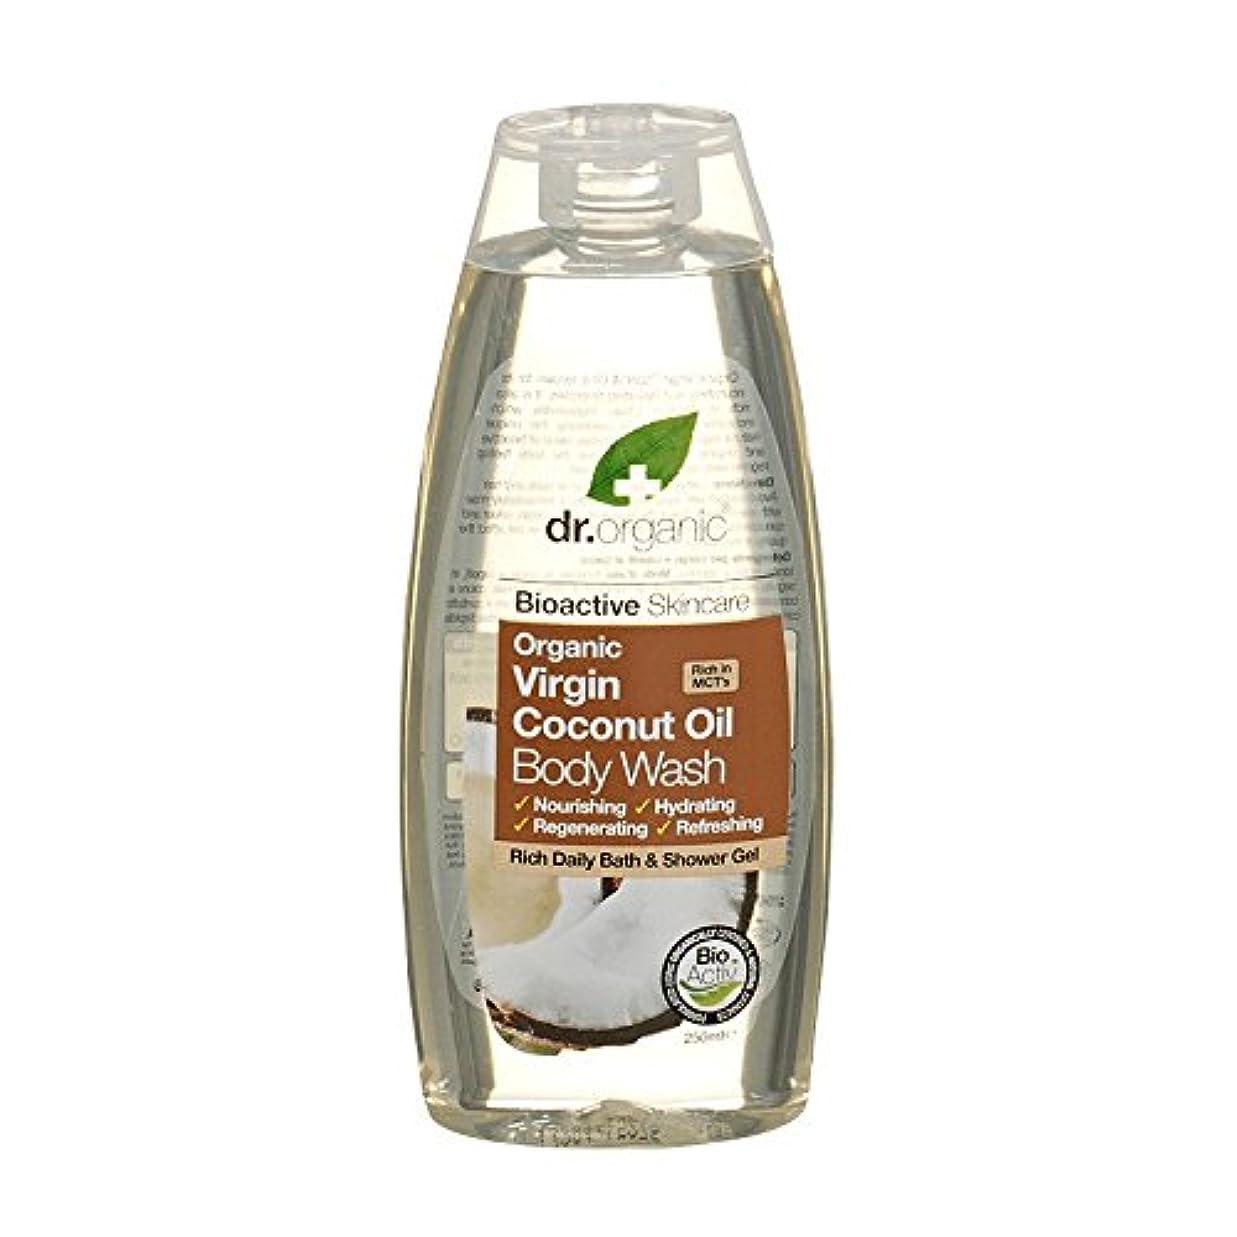 引き出し古くなった地下鉄Dr Organic Organic Virgin Coconut Oil Body Wash (Pack of 6) - Dr有機有機バージンココナッツオイルボディウォッシュ (x6) [並行輸入品]